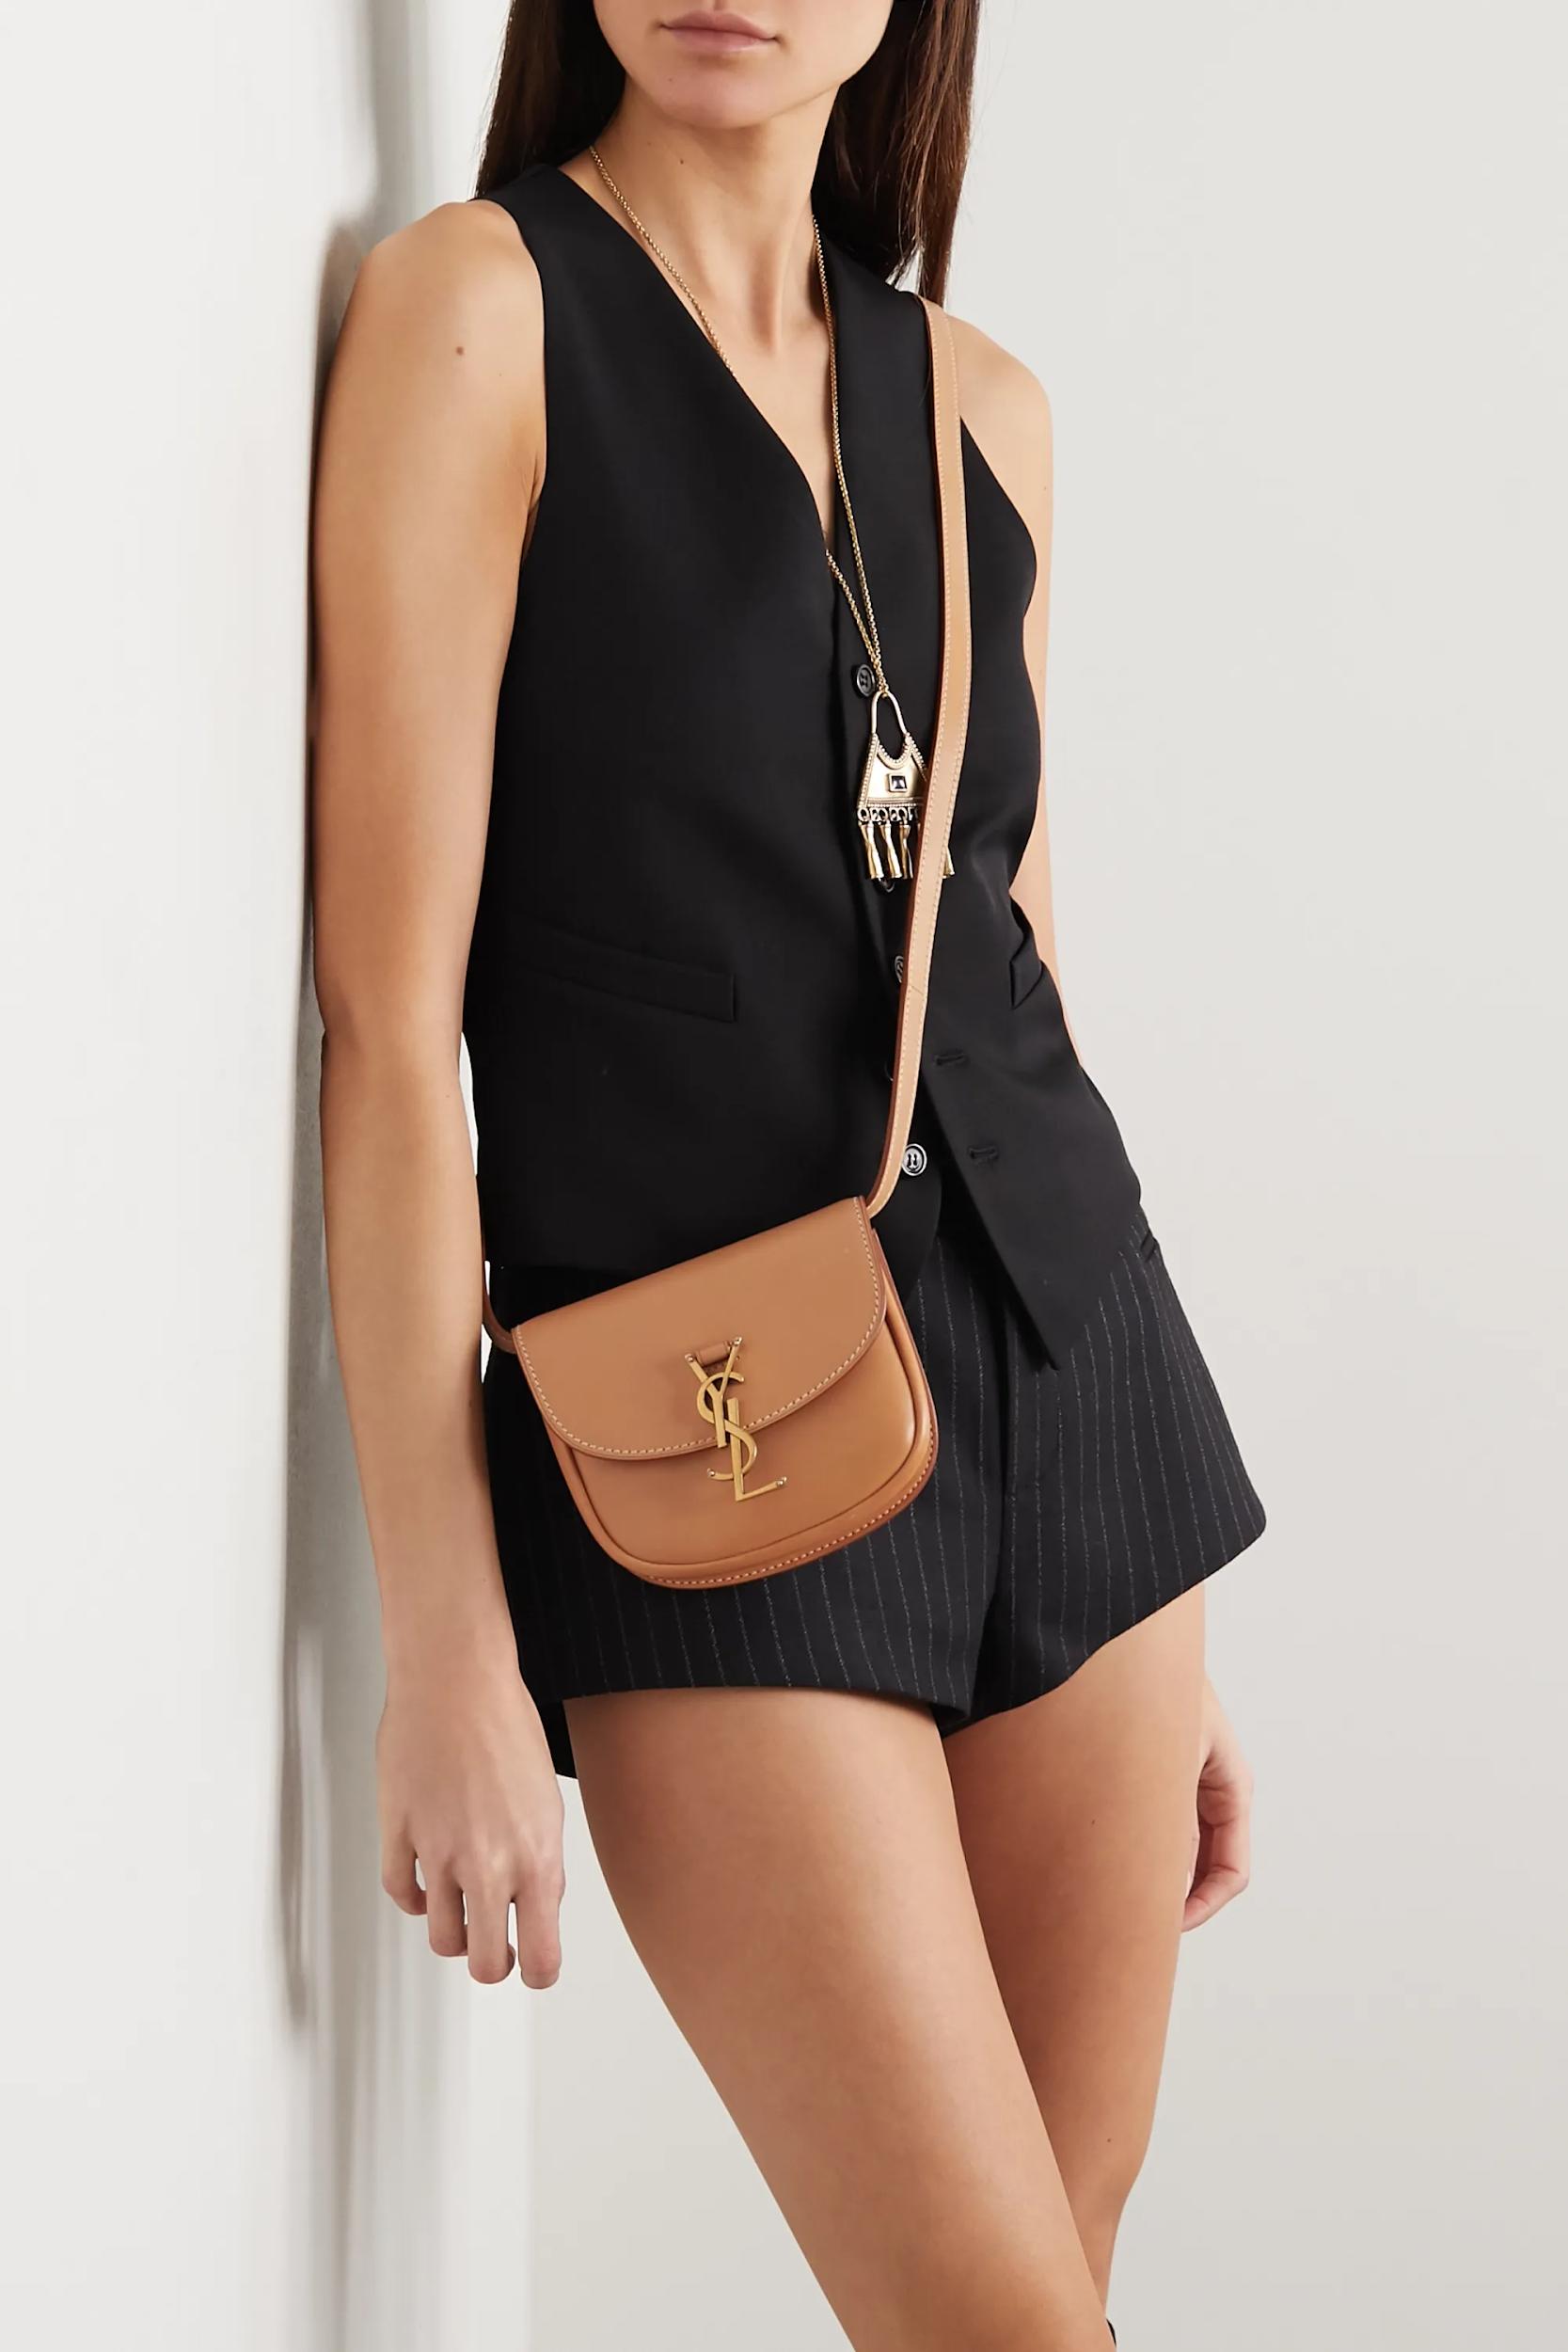 Thường chọn tone chủ đạo là đen, tại sao phái đẹp vẫn săn lùng túi Saint Laurent nồng nhiệt tới vậy? - ảnh 2